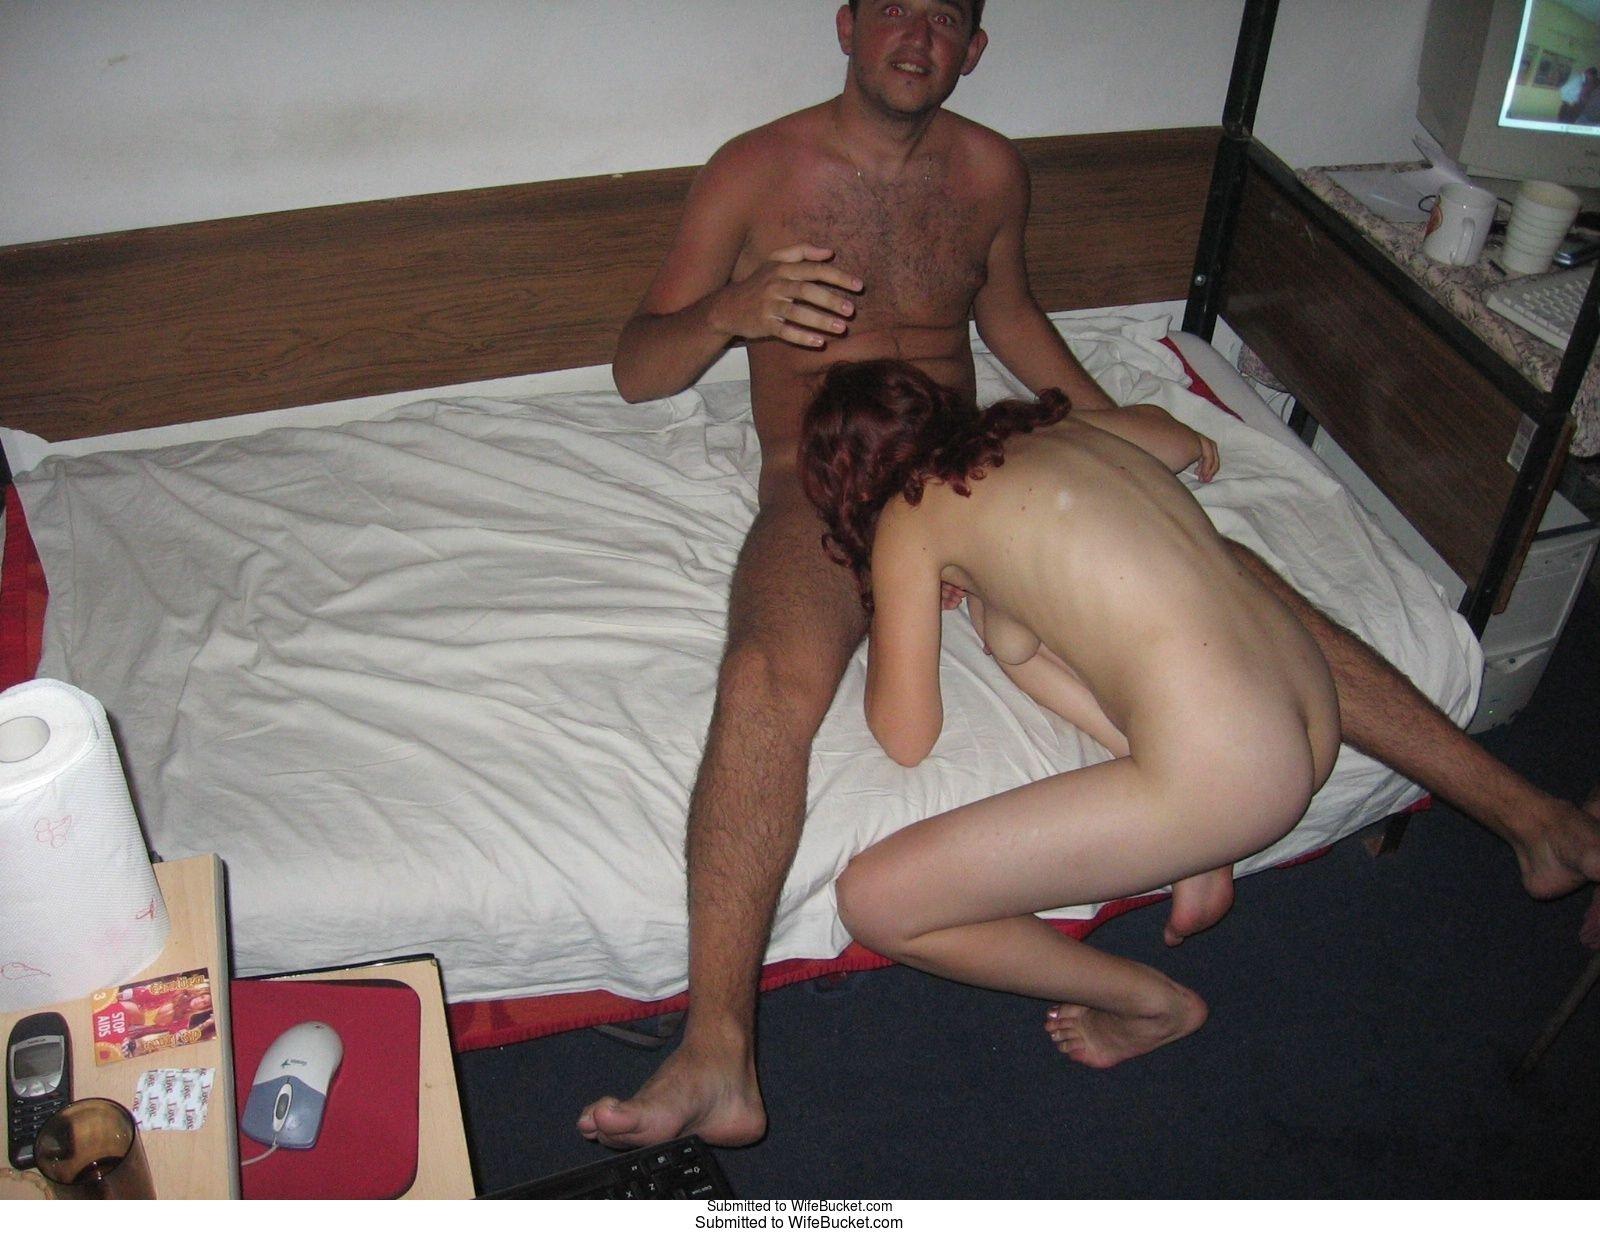 Vanessa ferlito sex tape